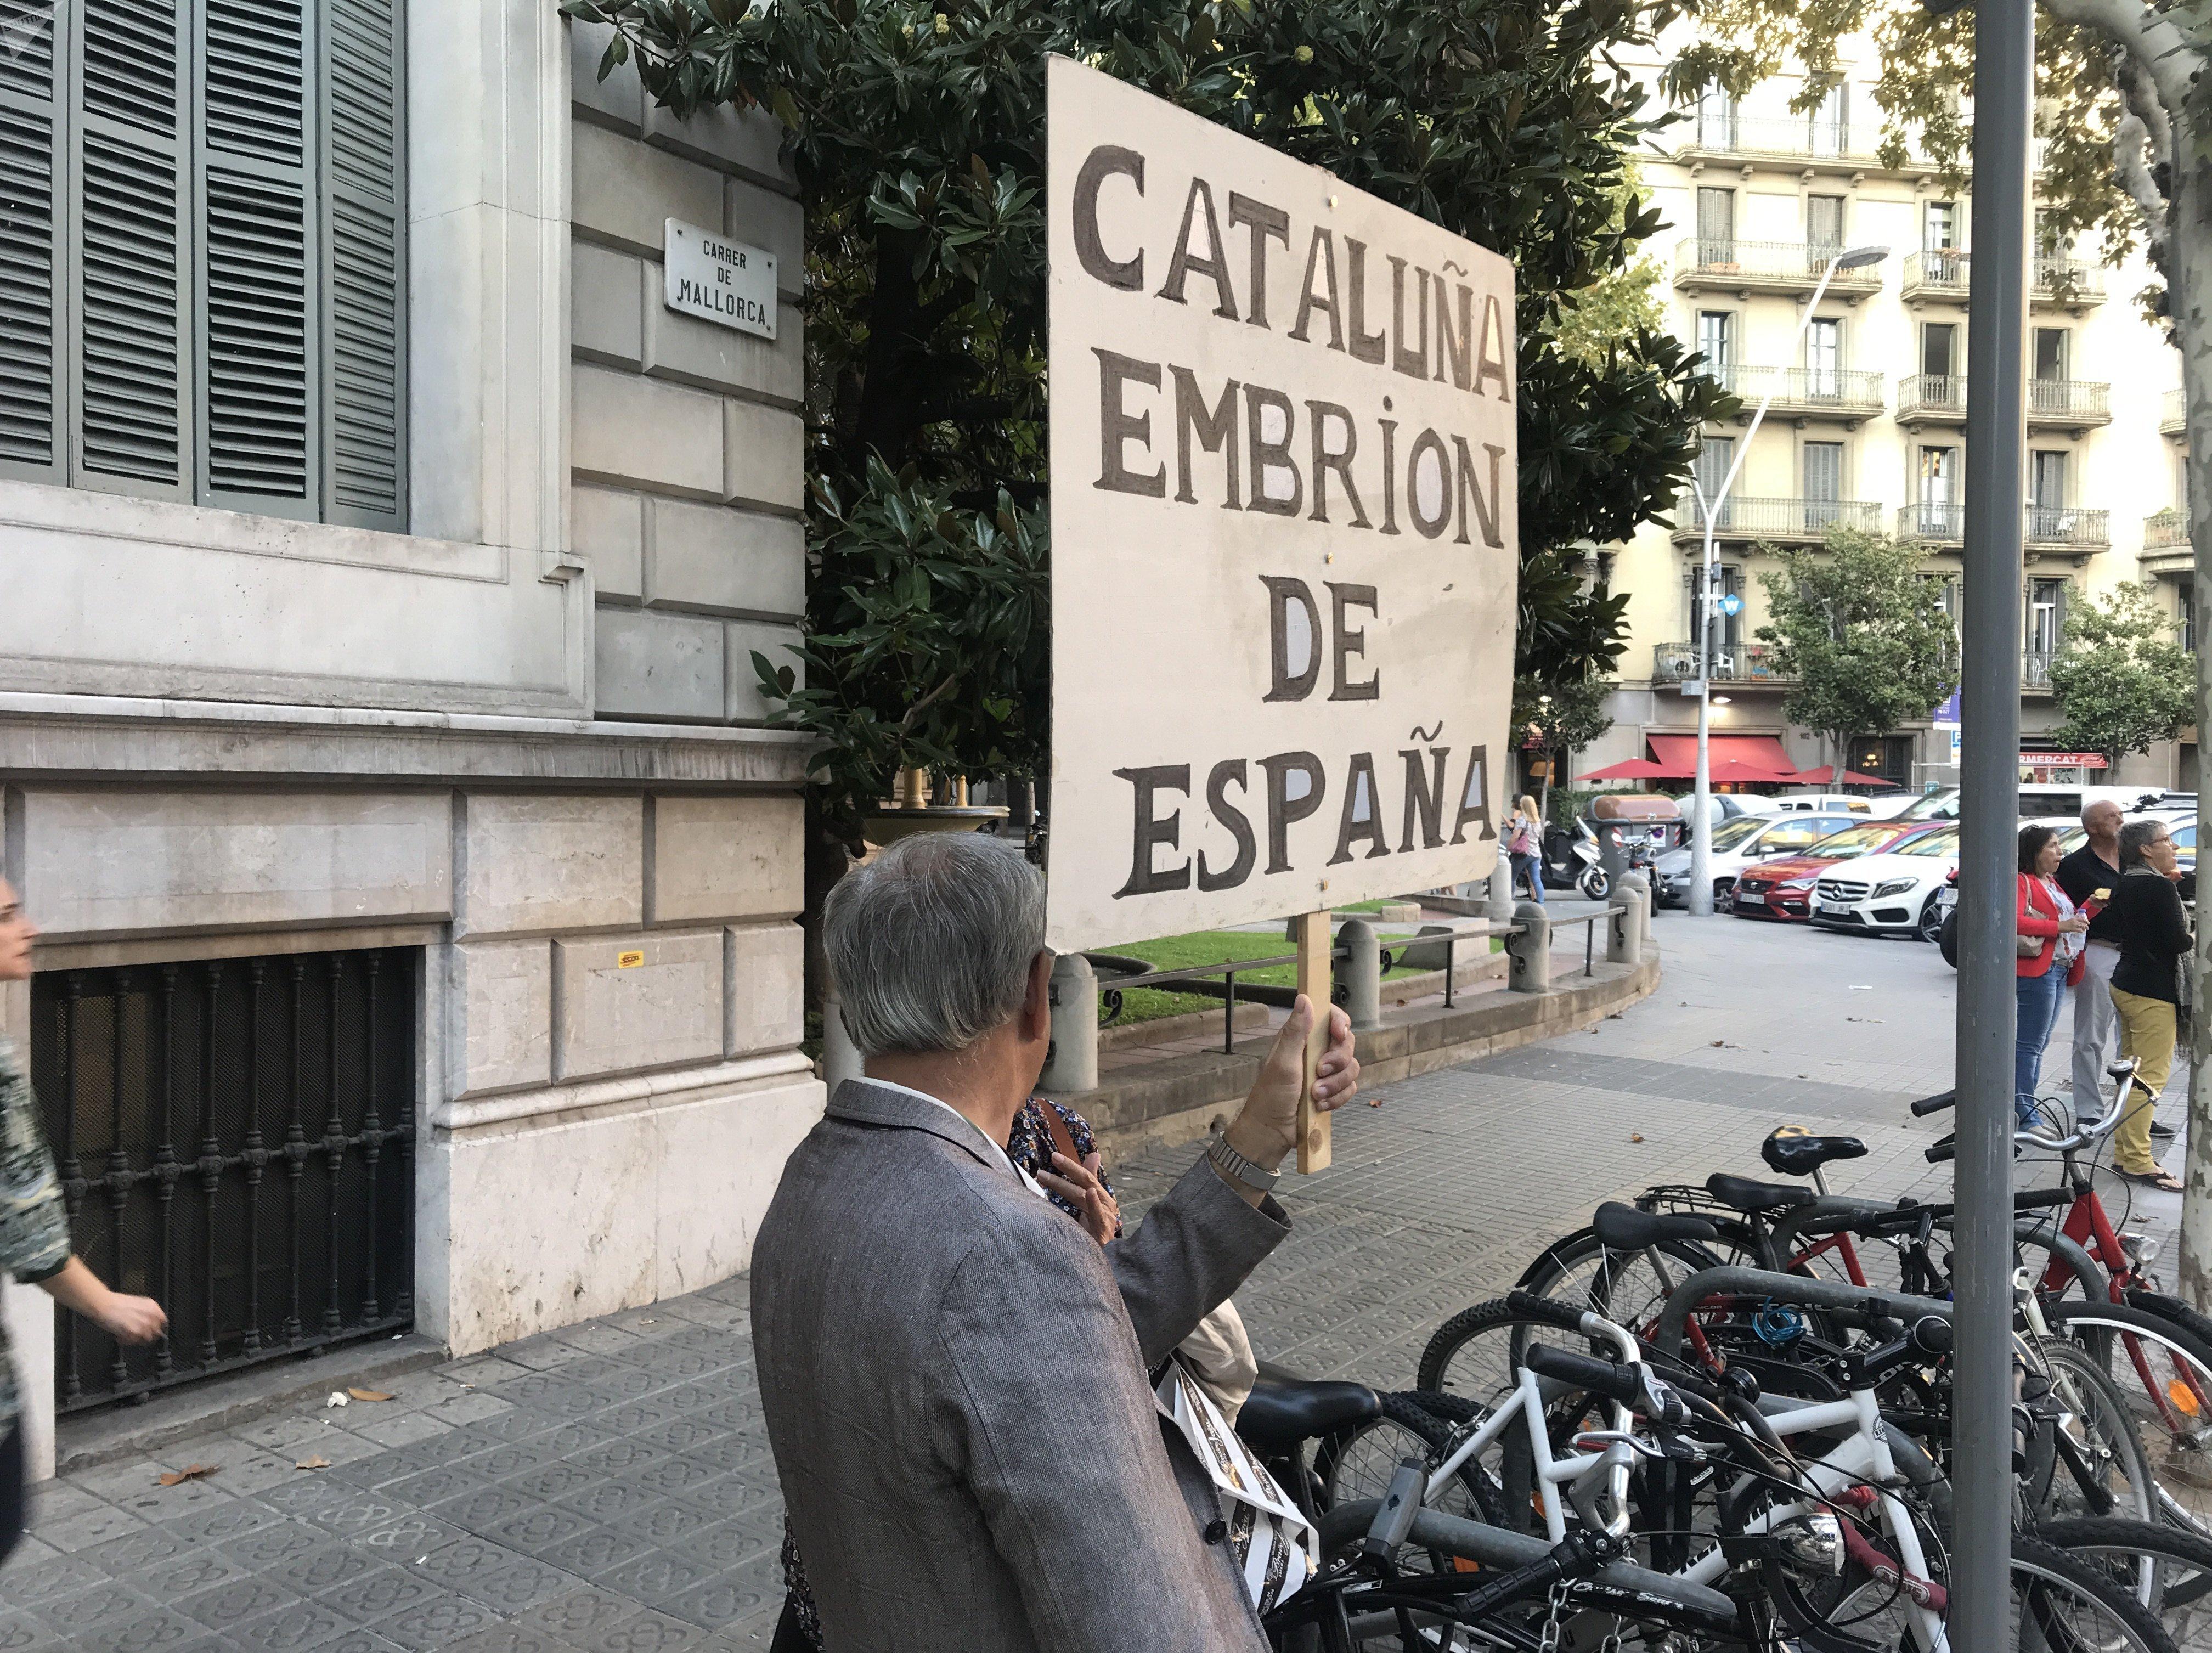 Un ciudadano se manifiesta ante la Delegación del Gobierno central en Barcelona a favor de la unidad de España